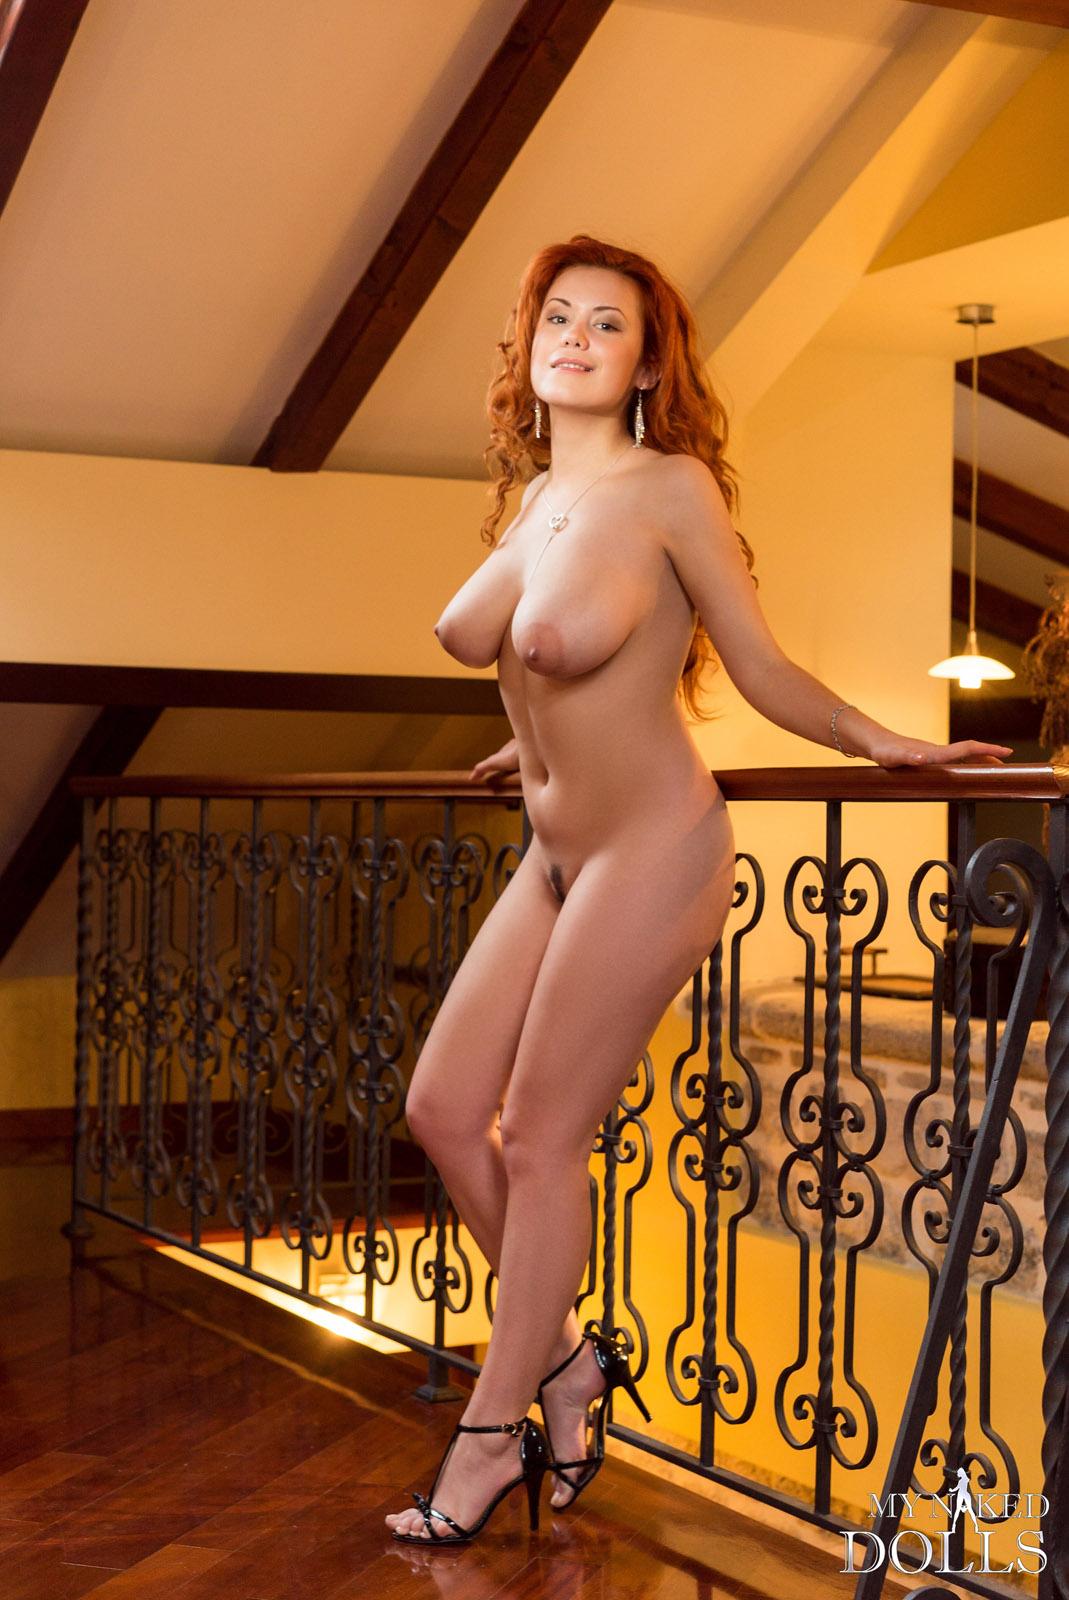 Lillith von tits nude